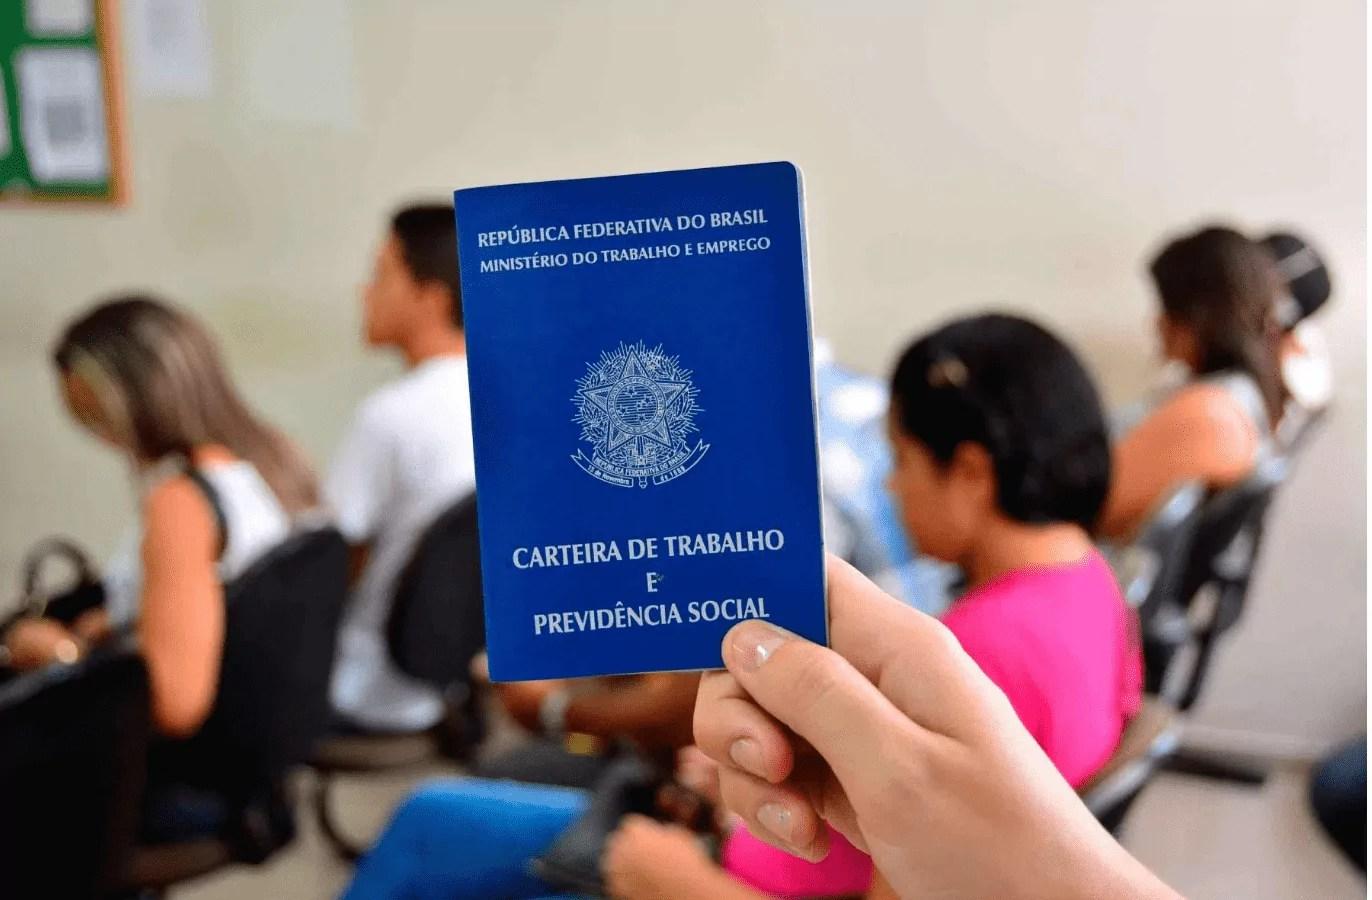 Foto de uma mão segurando uma carteira de trabalho.